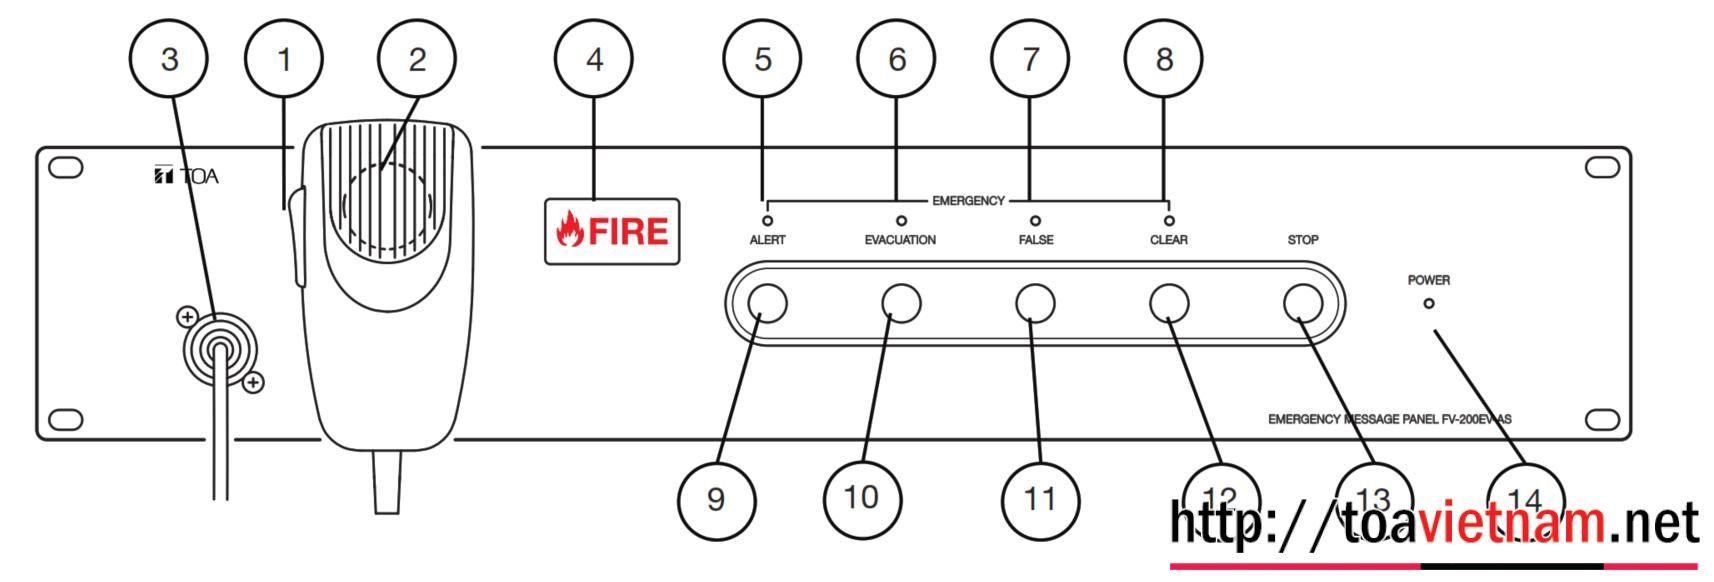 Hướng dẫn sử dụng, lắp đặt bộ thông báo khẩn cấp FV-200EV-AS